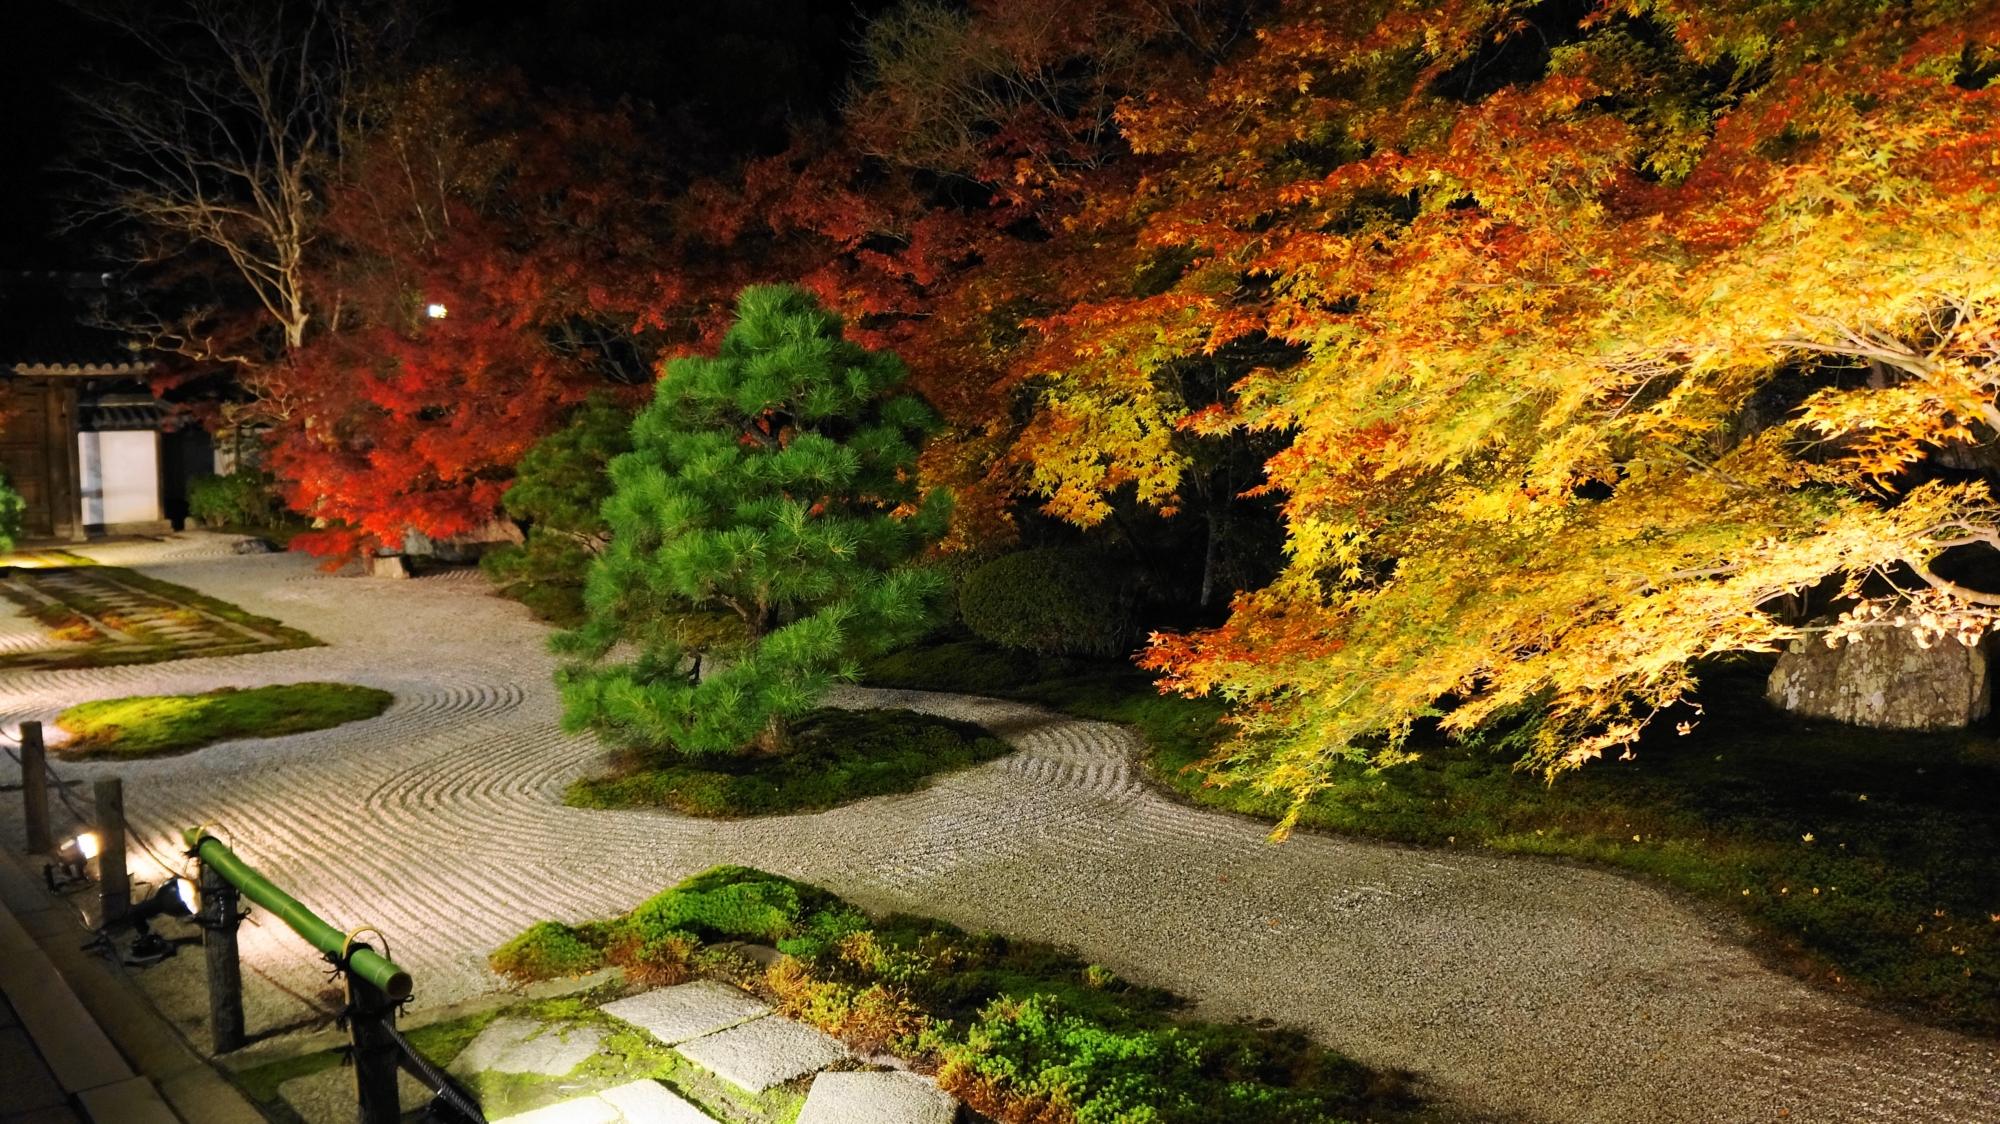 夜の石庭を妖艶に彩る黄色い紅葉と赤い紅葉